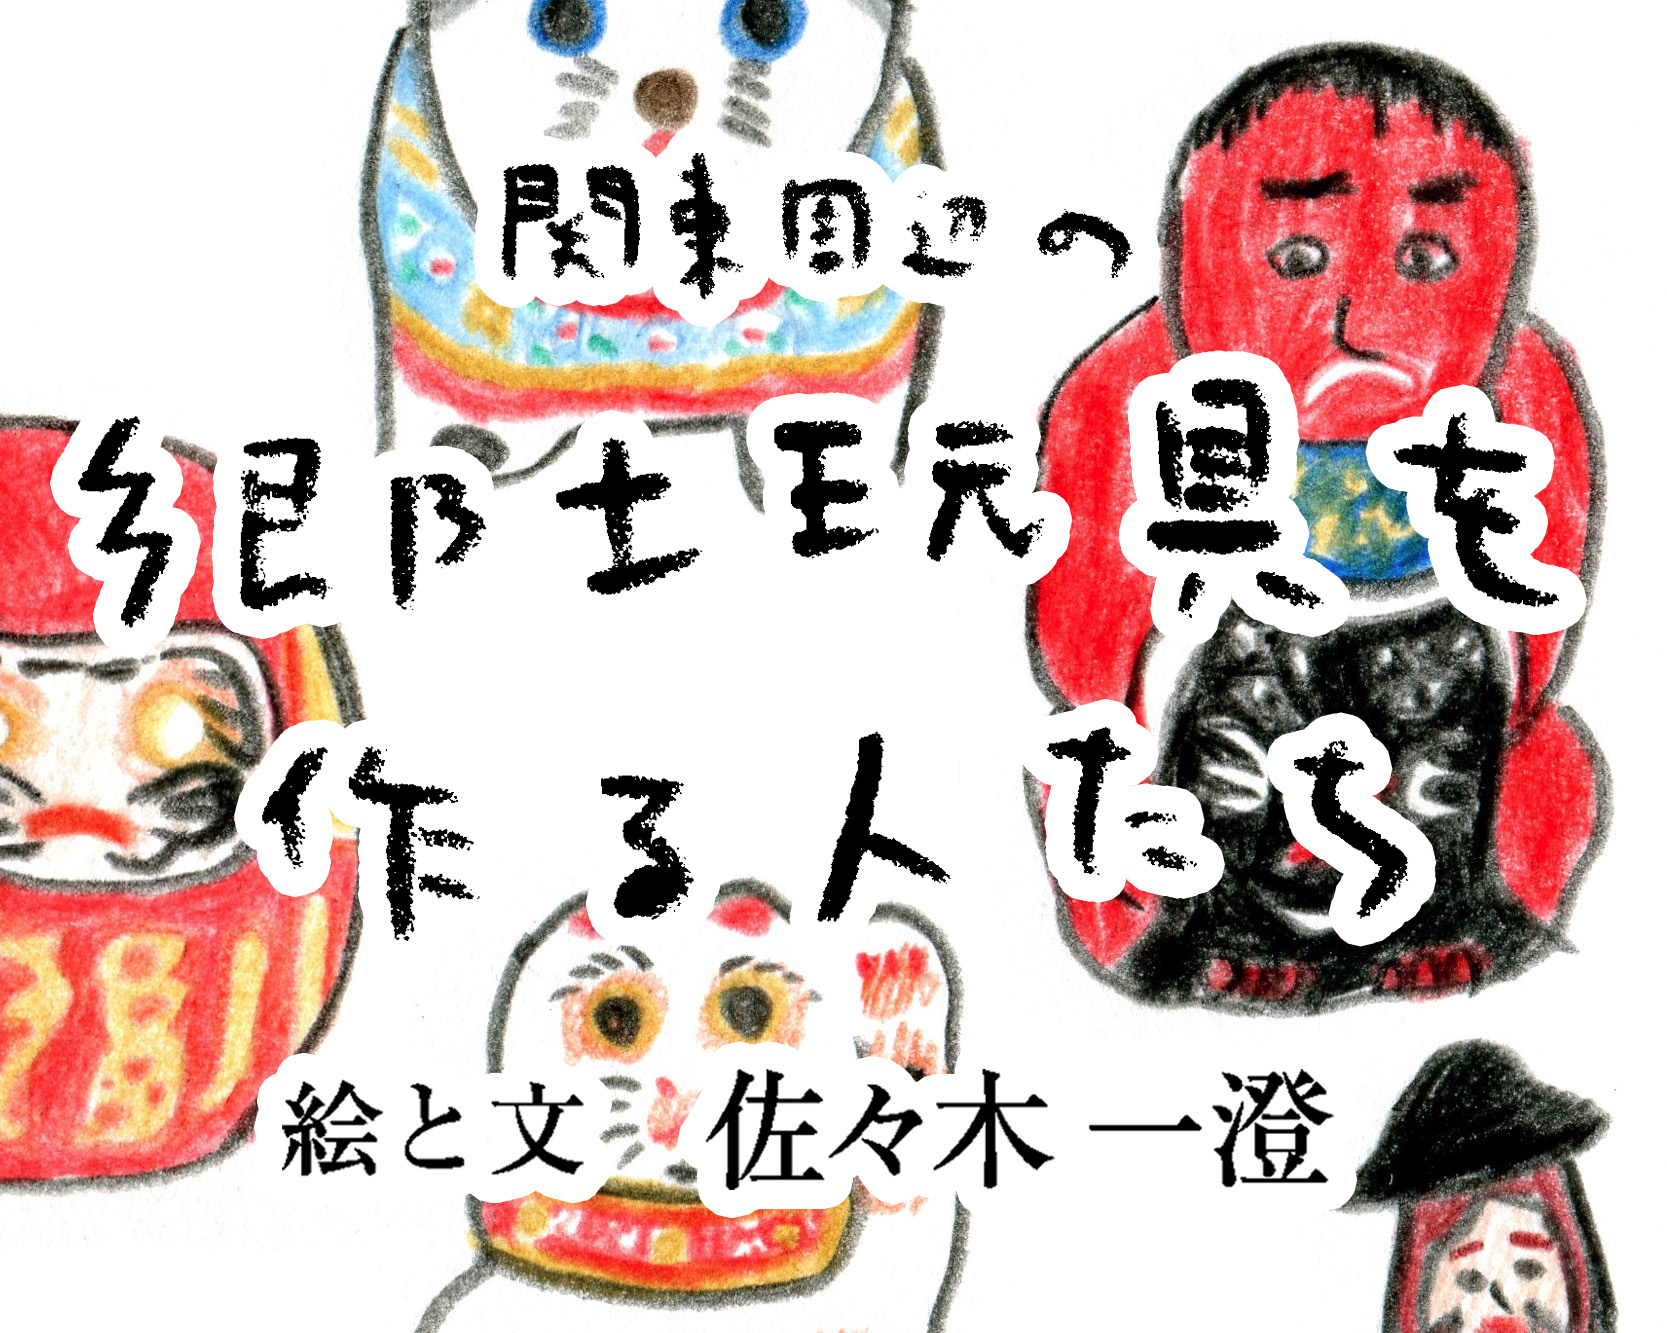 関東周辺の郷土玩具をつくる人たち